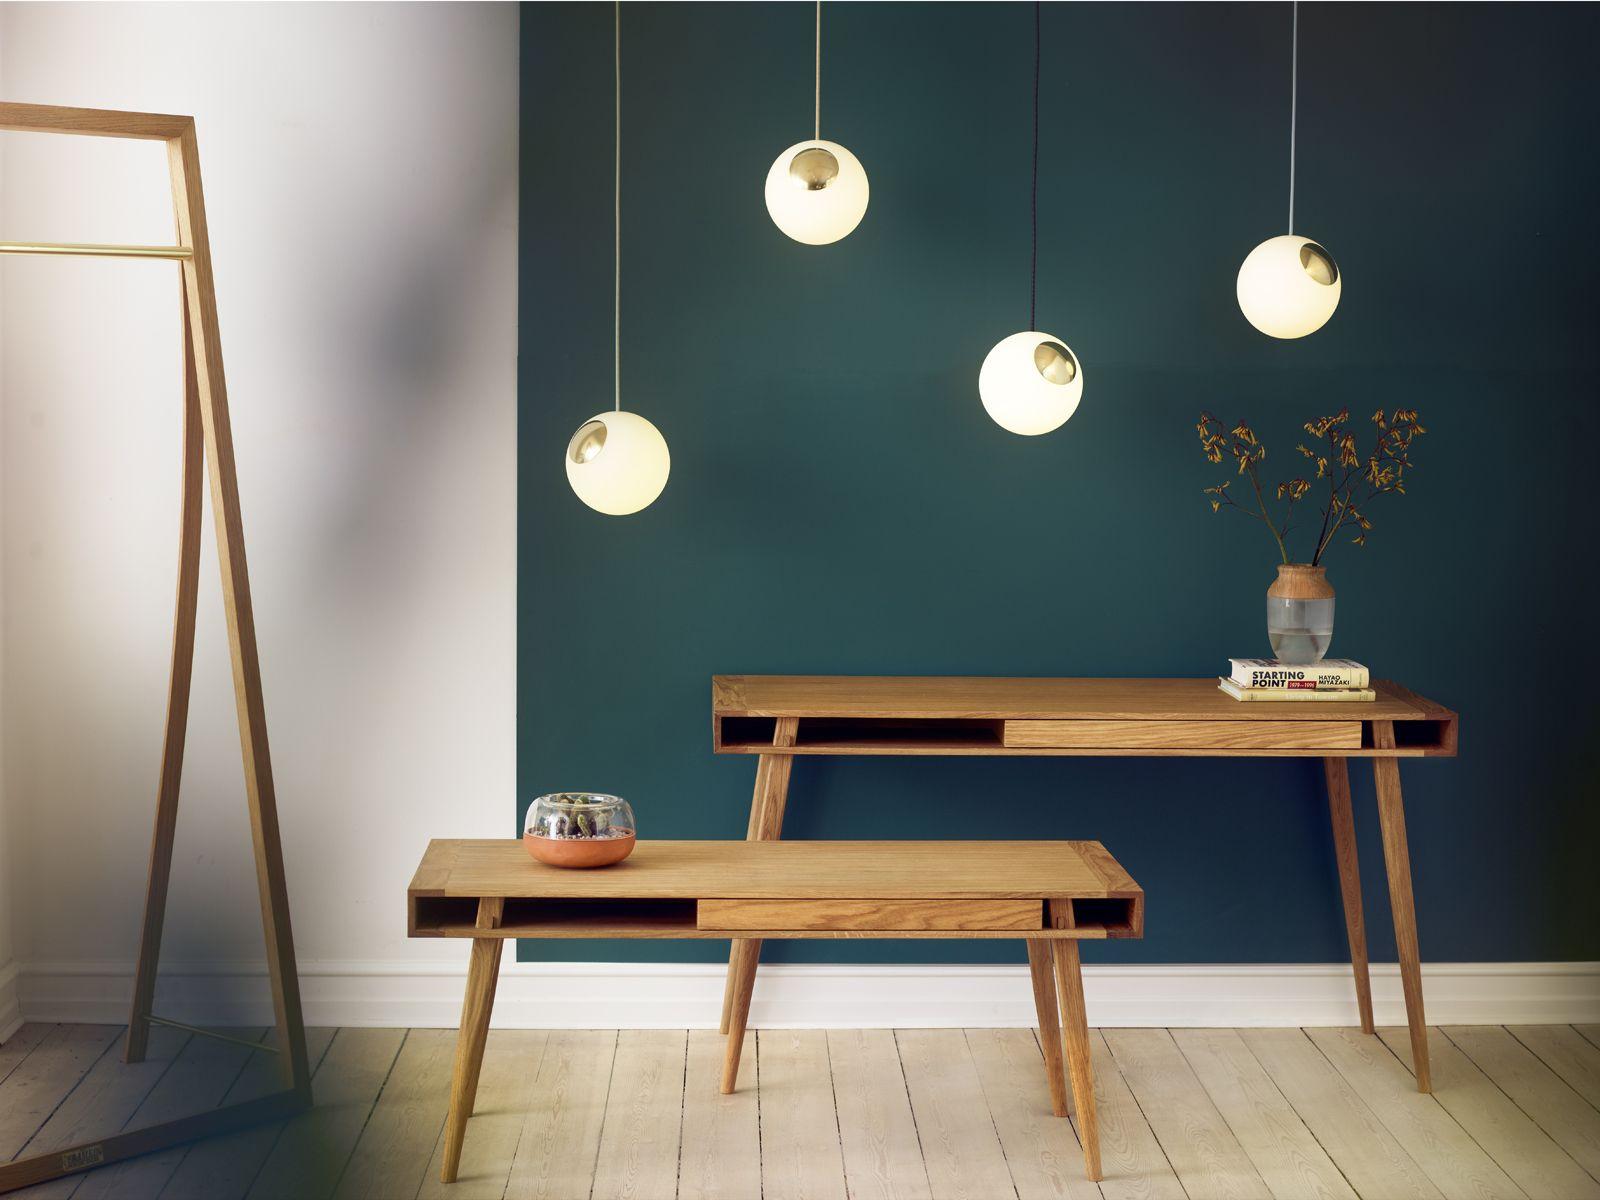 Moderner Designer Schreibtisch Aus Natürlich Schönem Eichenholz ✓skandinavisches  Design ✓hochwertige Verarbeitung ✓versandkostenfrei Bestellen Design Ideas